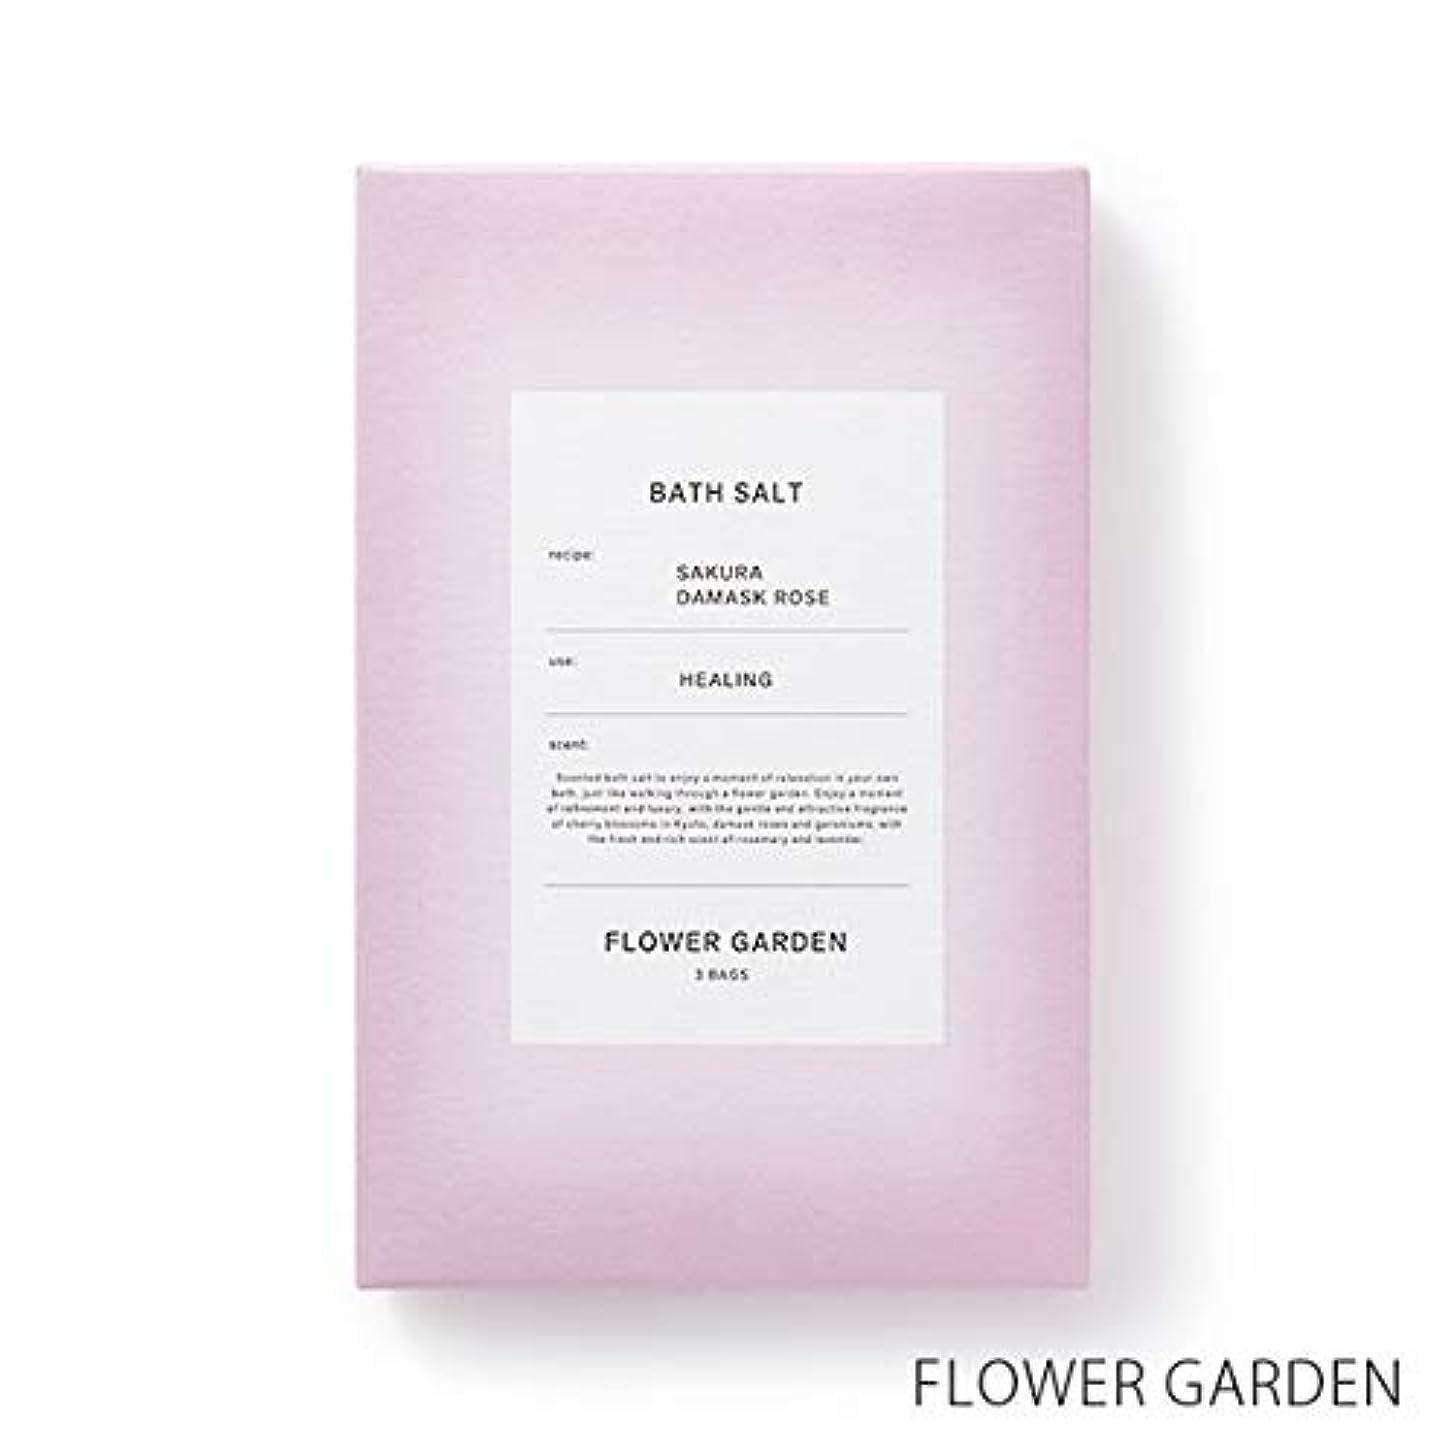 信号ブラウスシュリンク【薫玉堂】 バスソルト FLOWER GARDEN 花の庭 ピンク 和 桜の香り